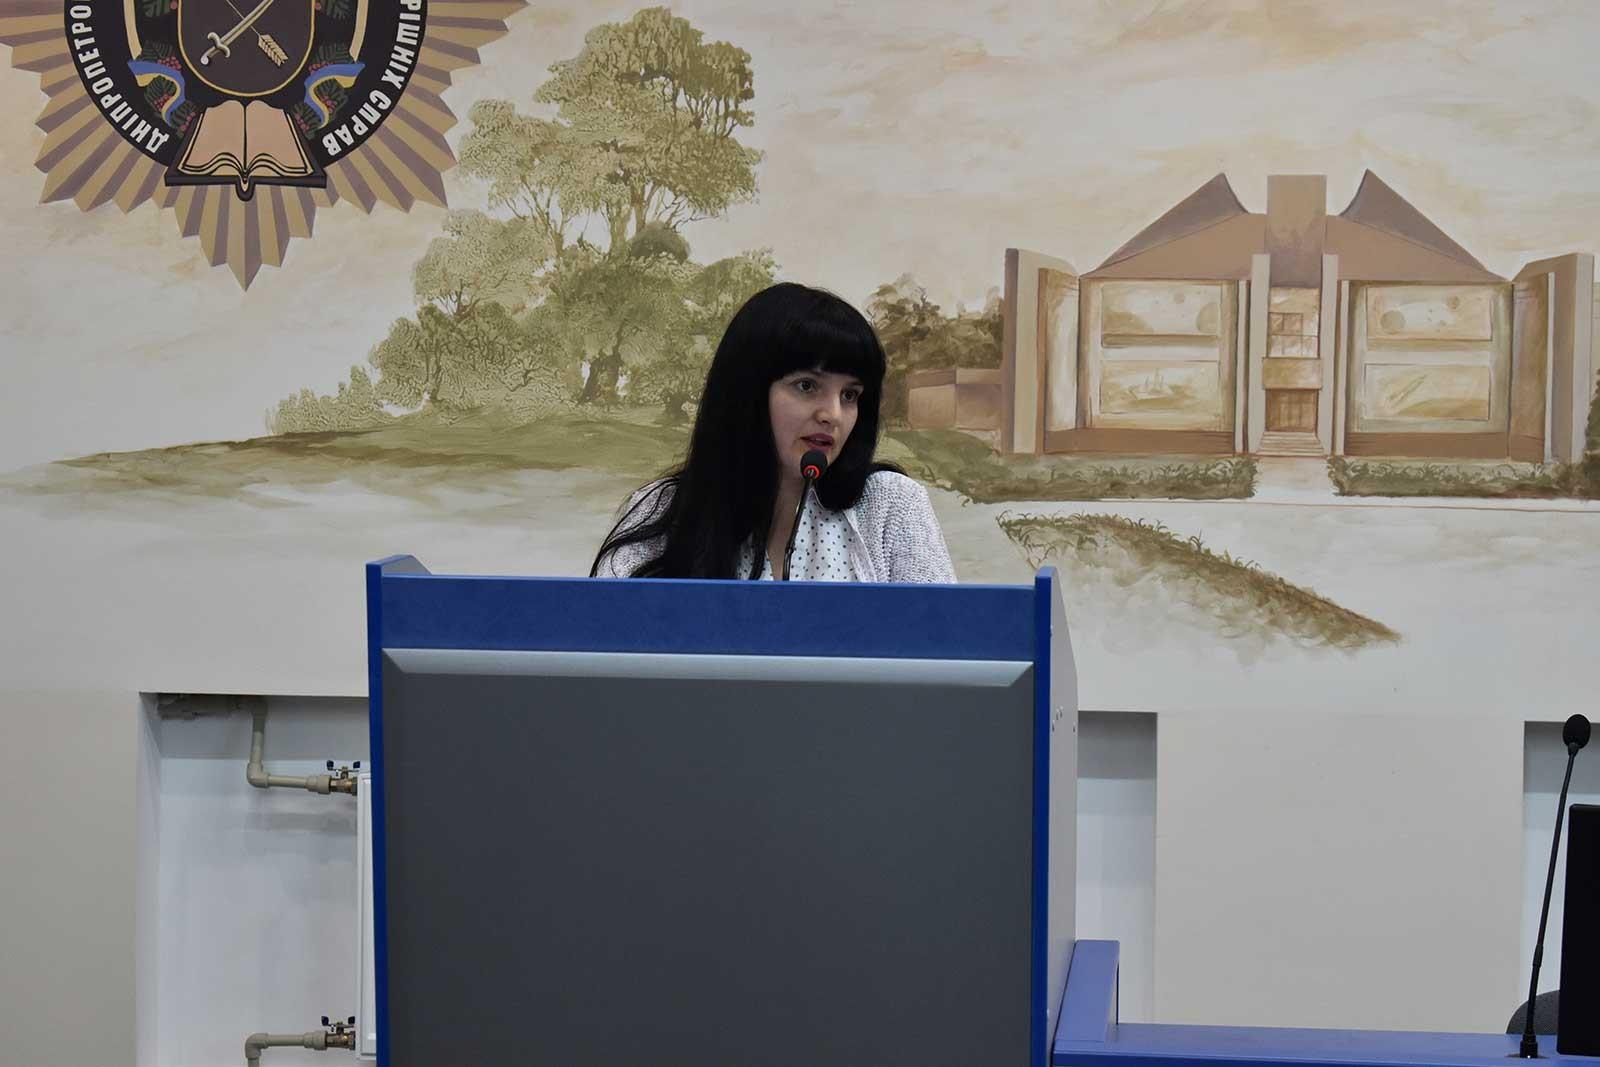 Національний спеціаліст проектів Координатора проектів ОБСЄ в Україні Тетяна Медун